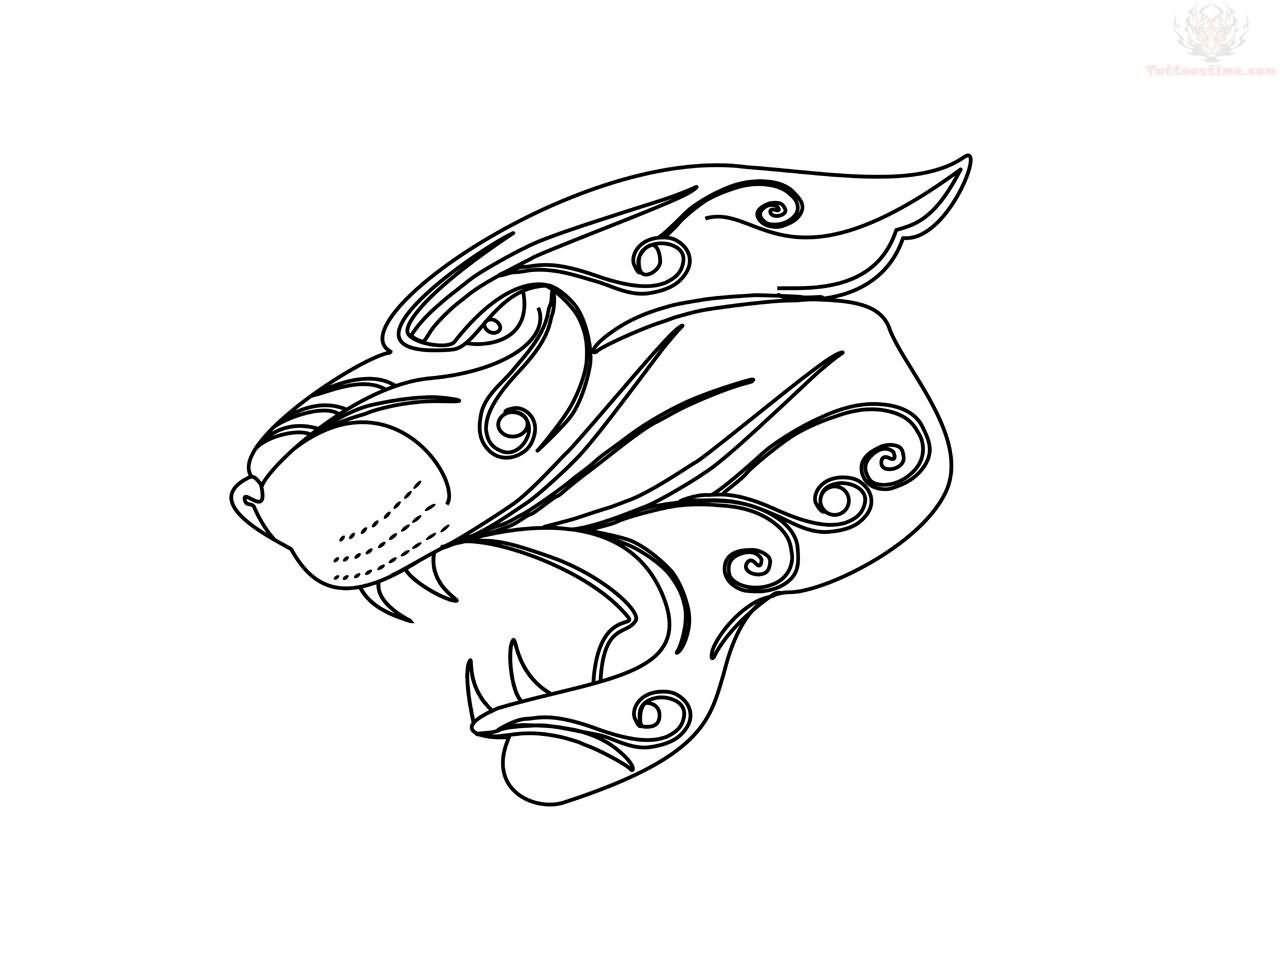 Tribal Jaguar Head Tattoo Design